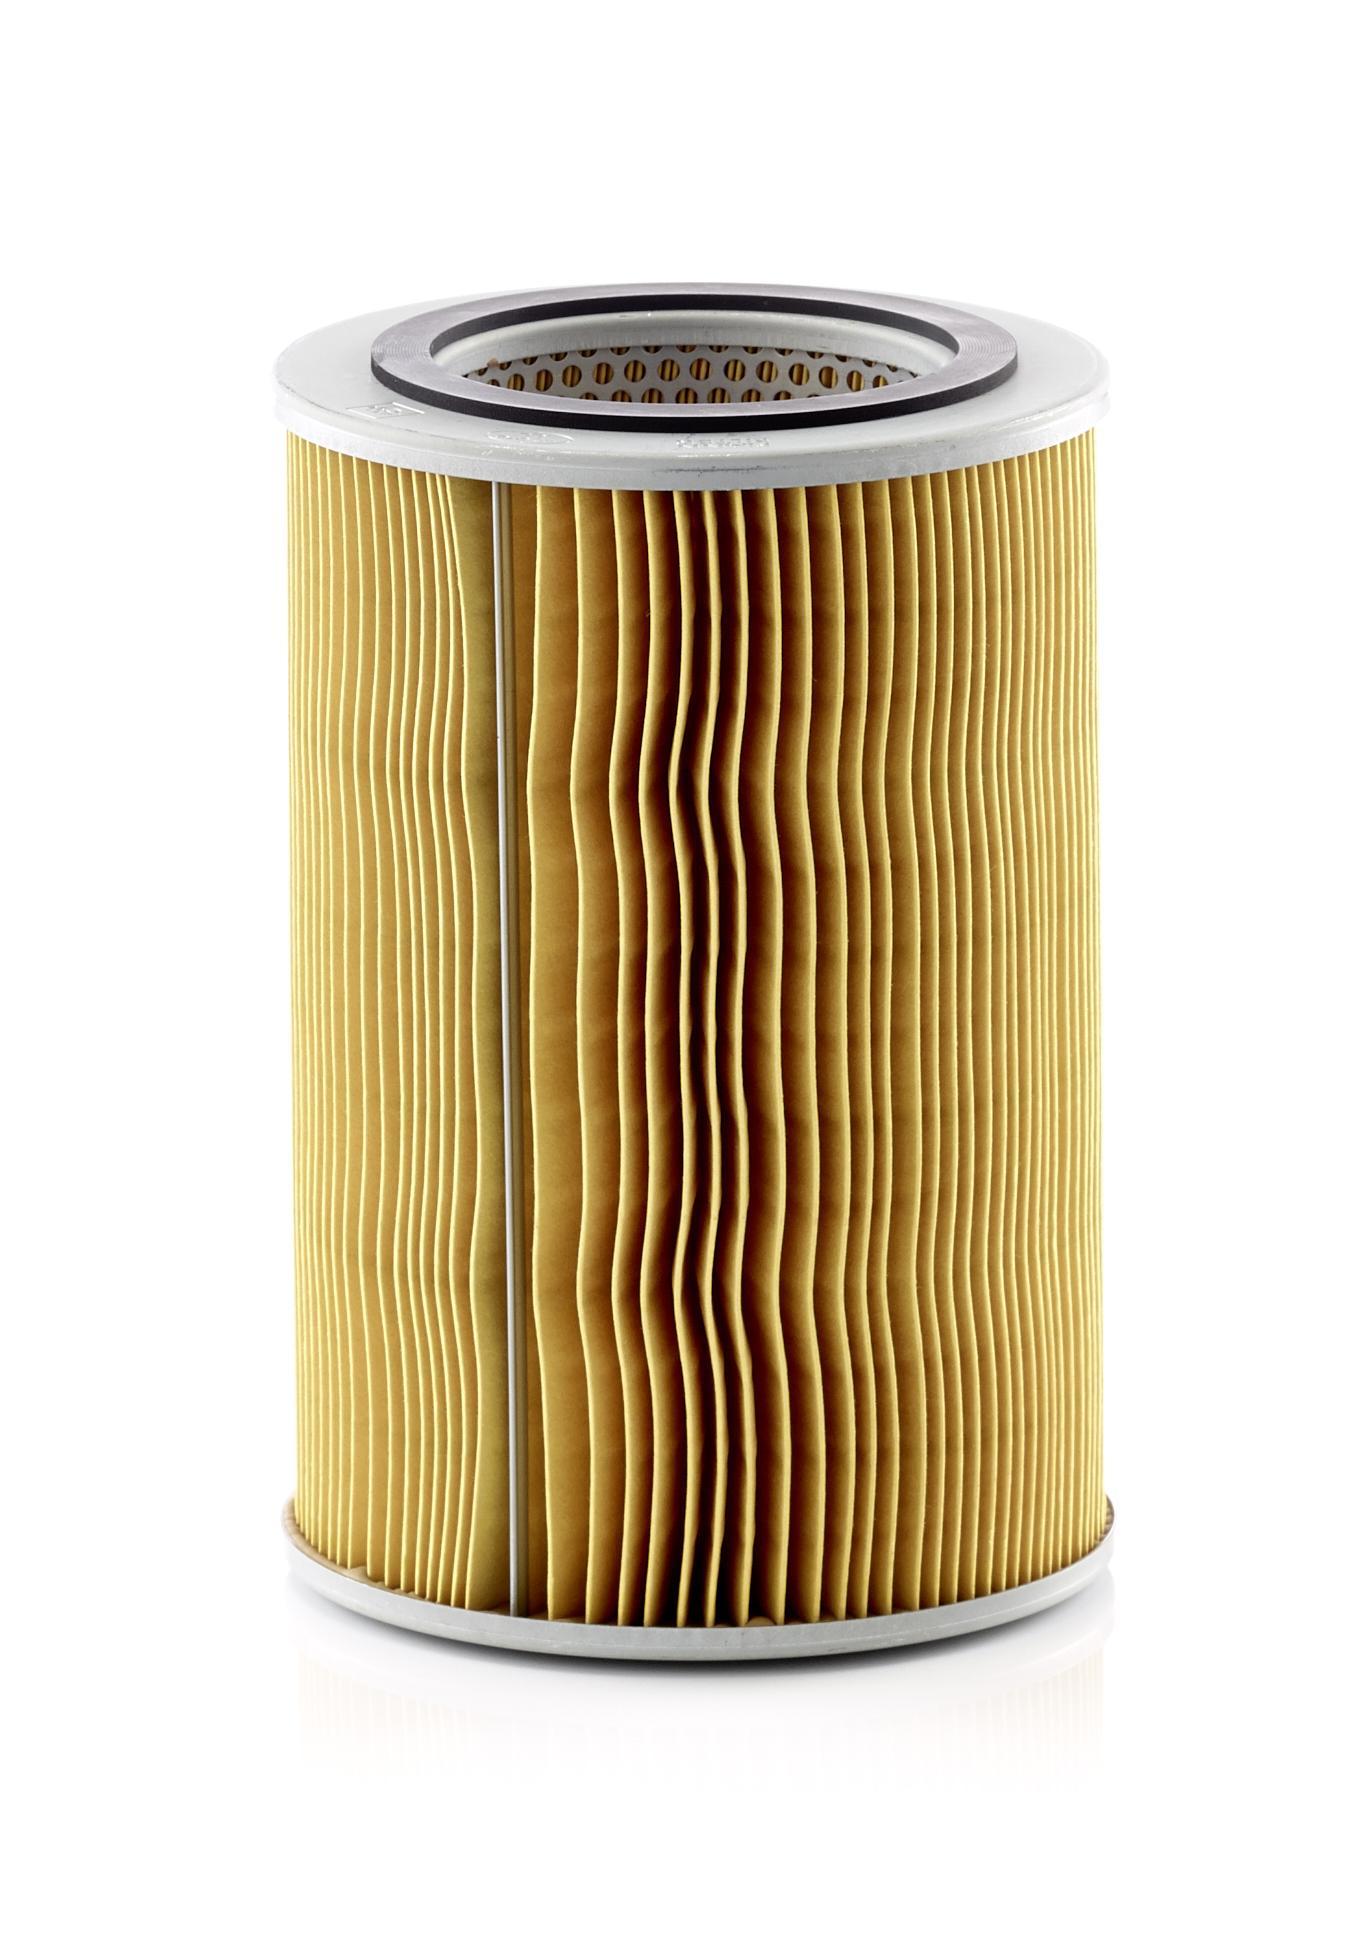 Въздушен филтър C 15 124/1 с добро MANN-FILTER съотношение цена-качество